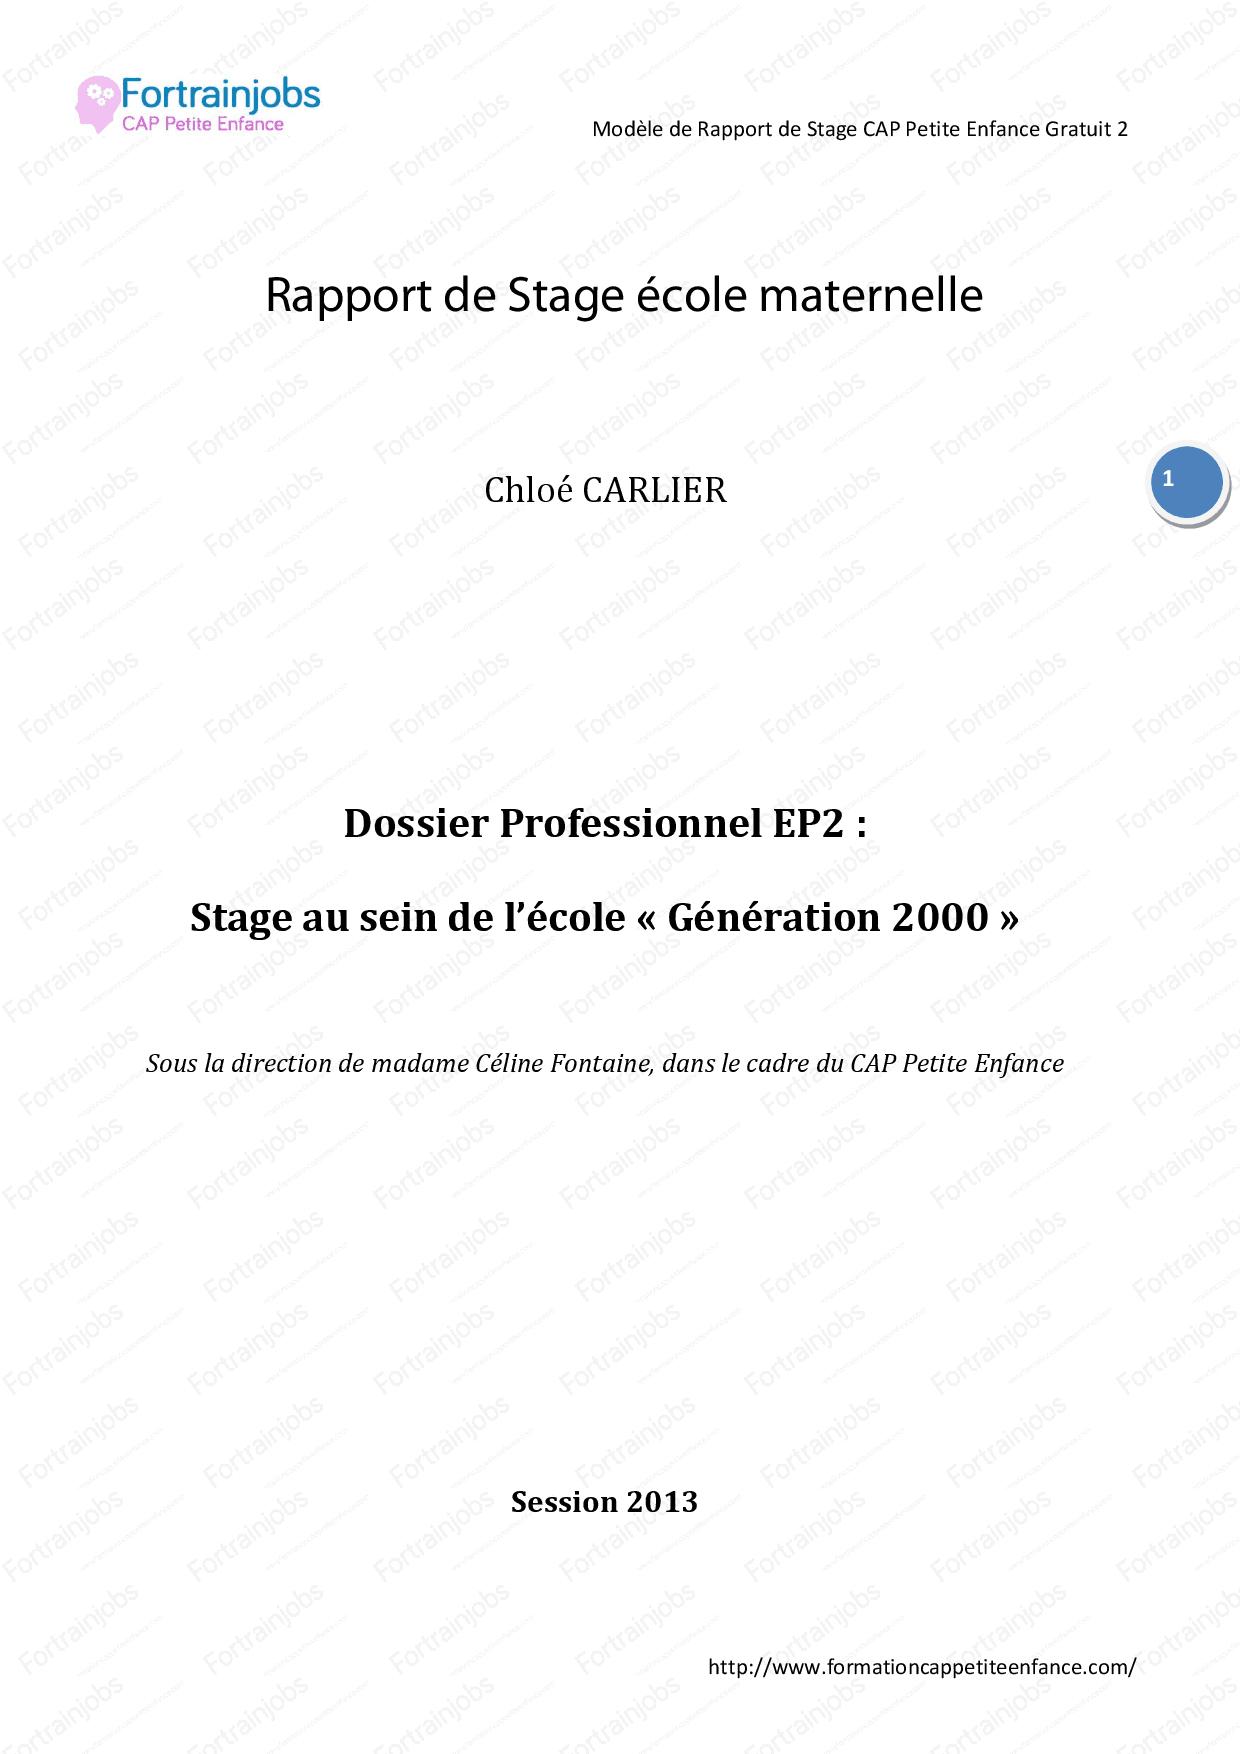 Rapport De Stage École Maternelle - Docsity concernant Jeux Maternelle Petite Section Gratuit